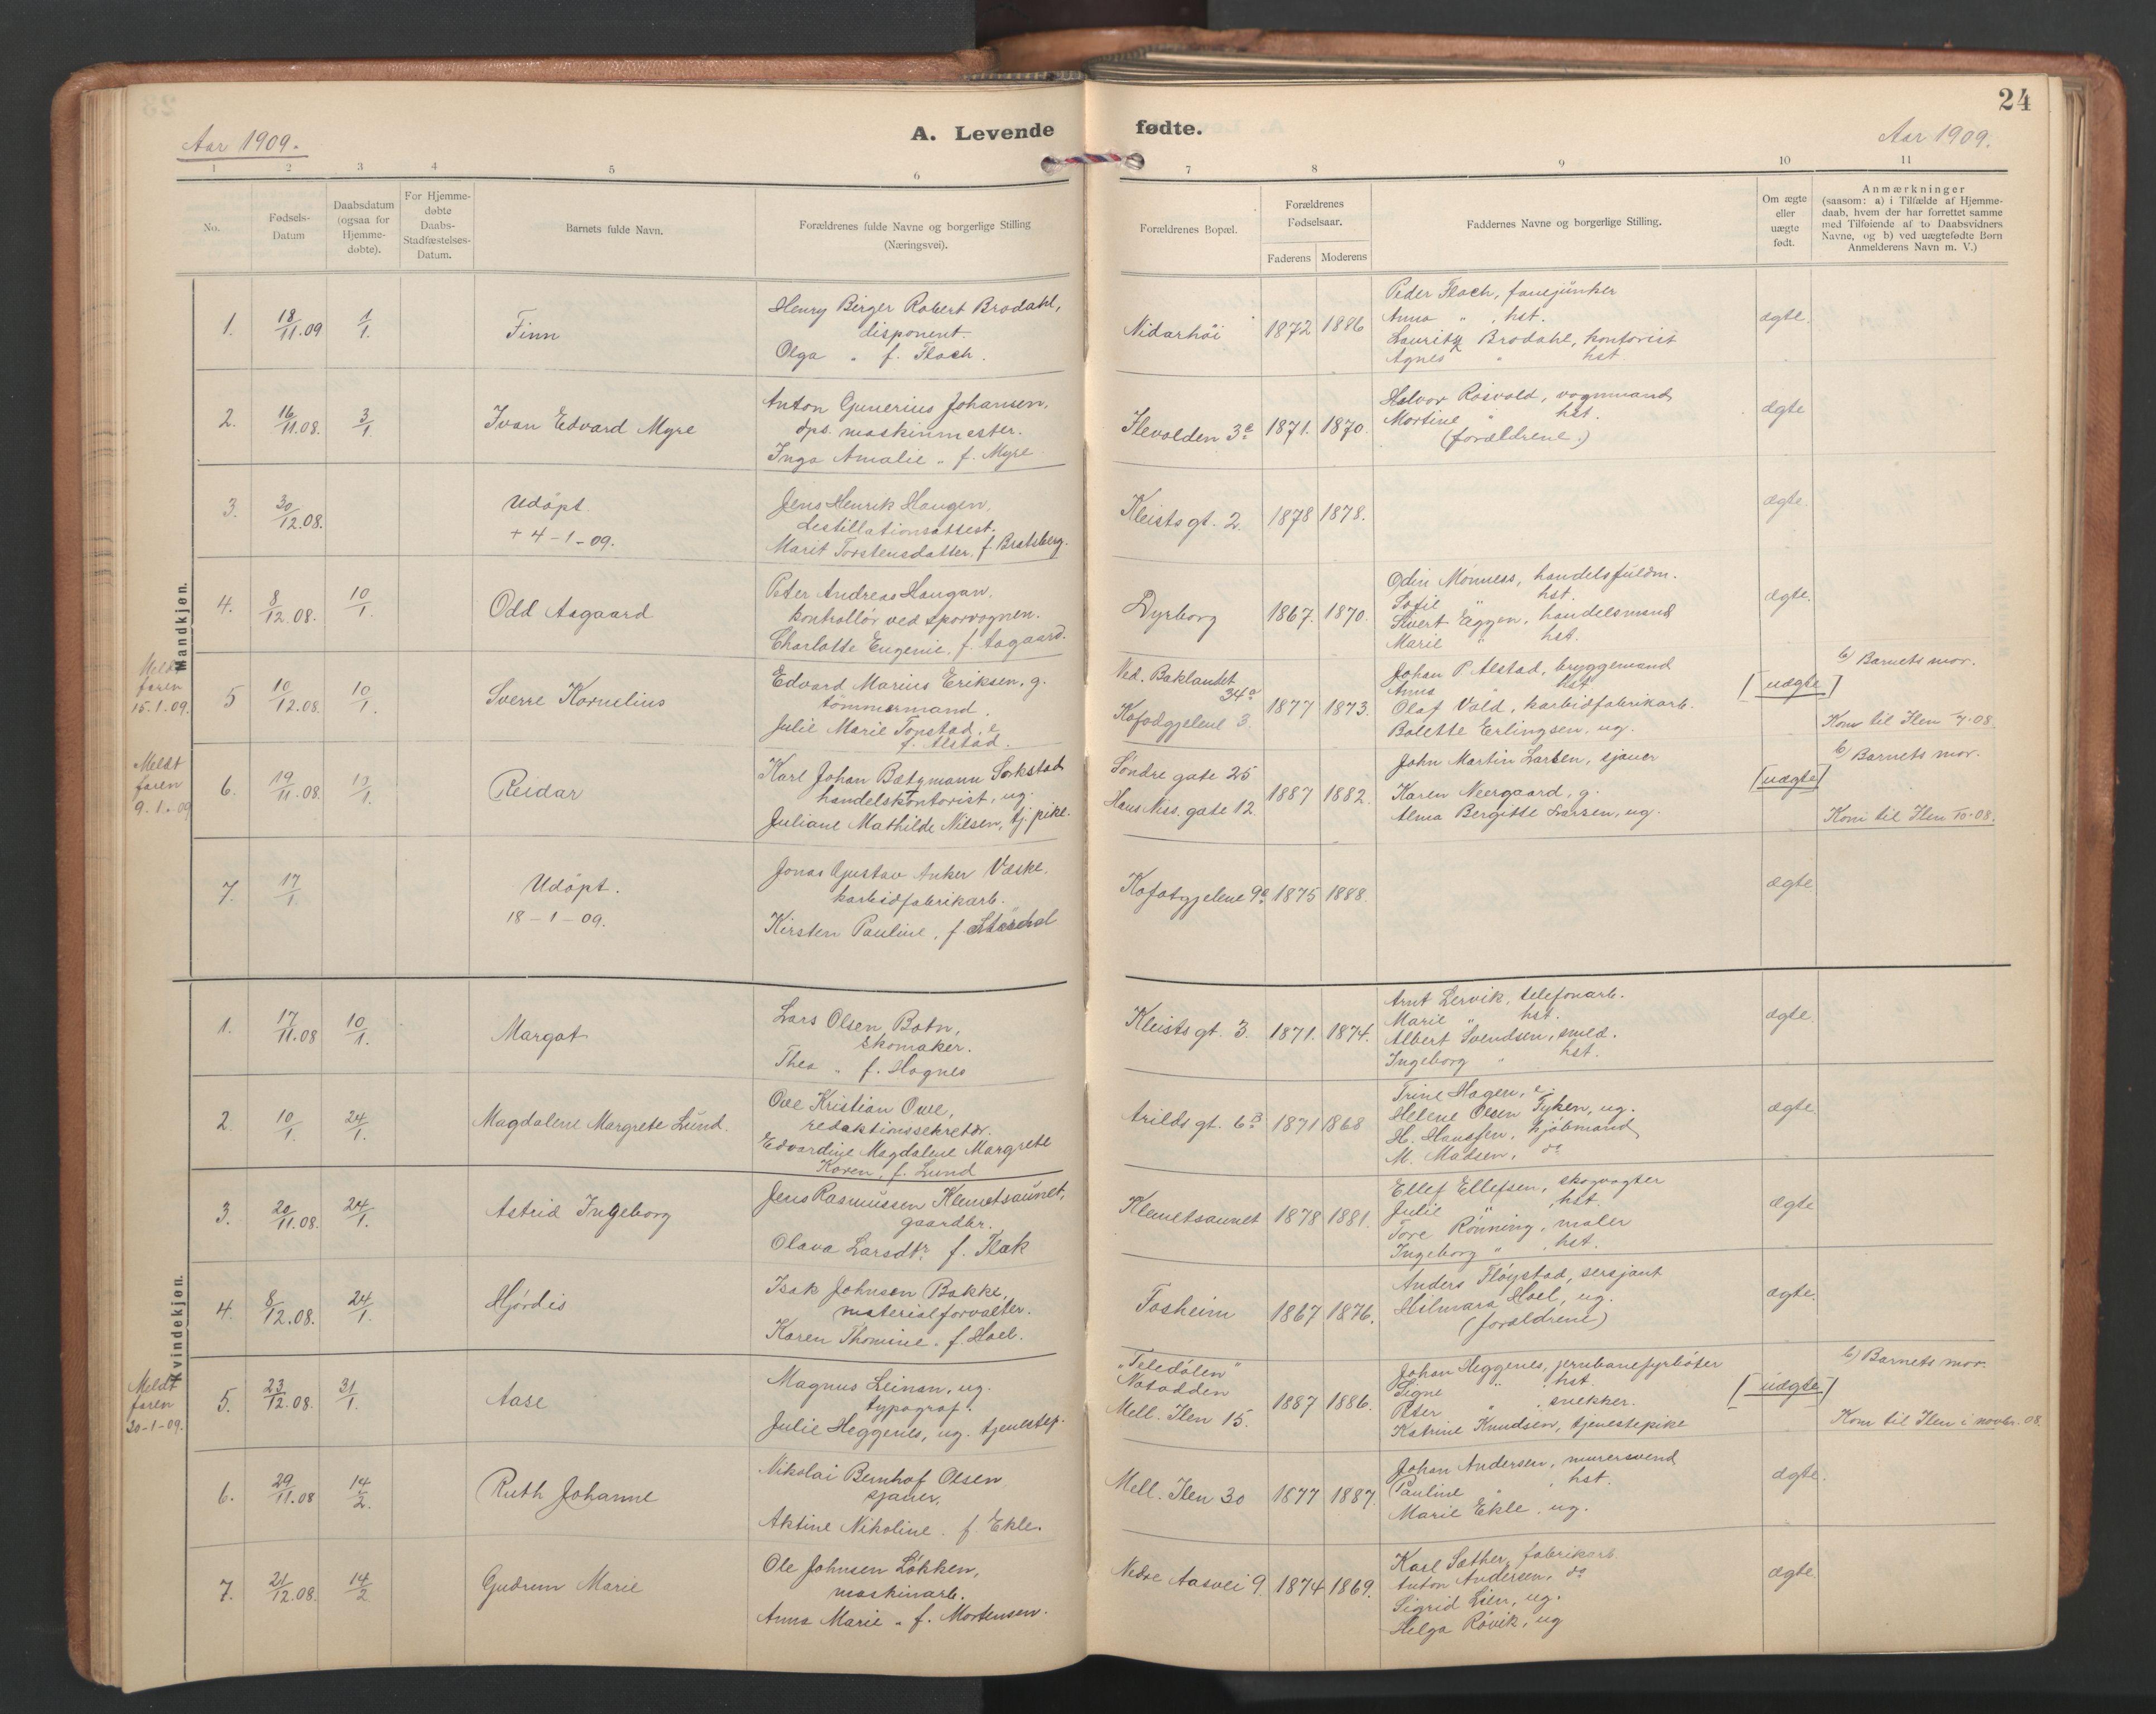 SAT, Ministerialprotokoller, klokkerbøker og fødselsregistre - Sør-Trøndelag, 603/L0173: Klokkerbok nr. 603C01, 1907-1962, s. 24